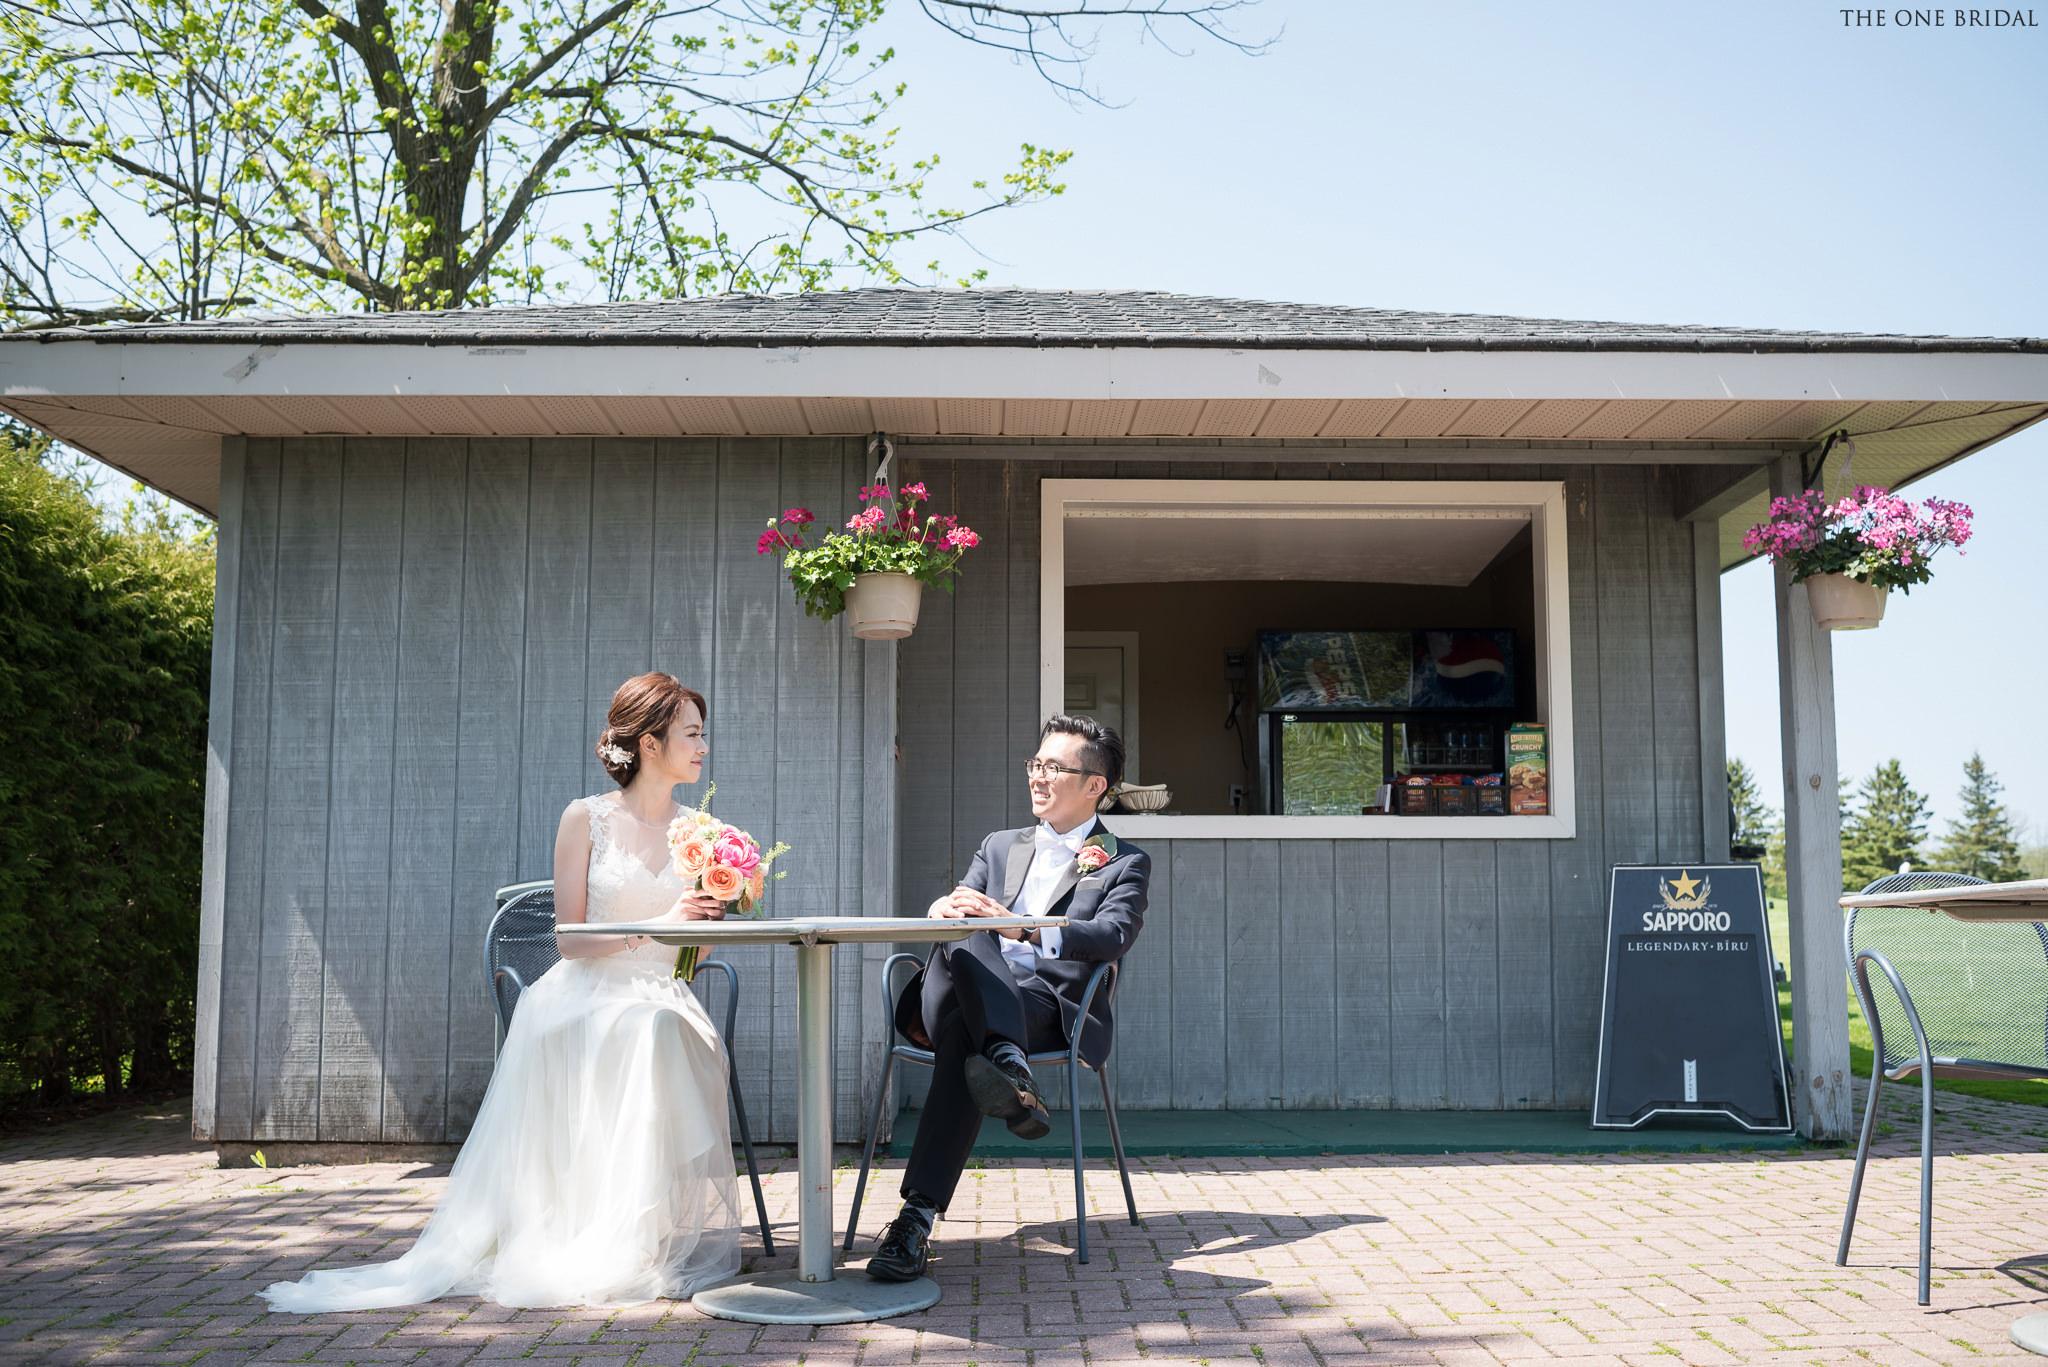 mandarin-golf-club-wedding-markham-the-one-bridal-028